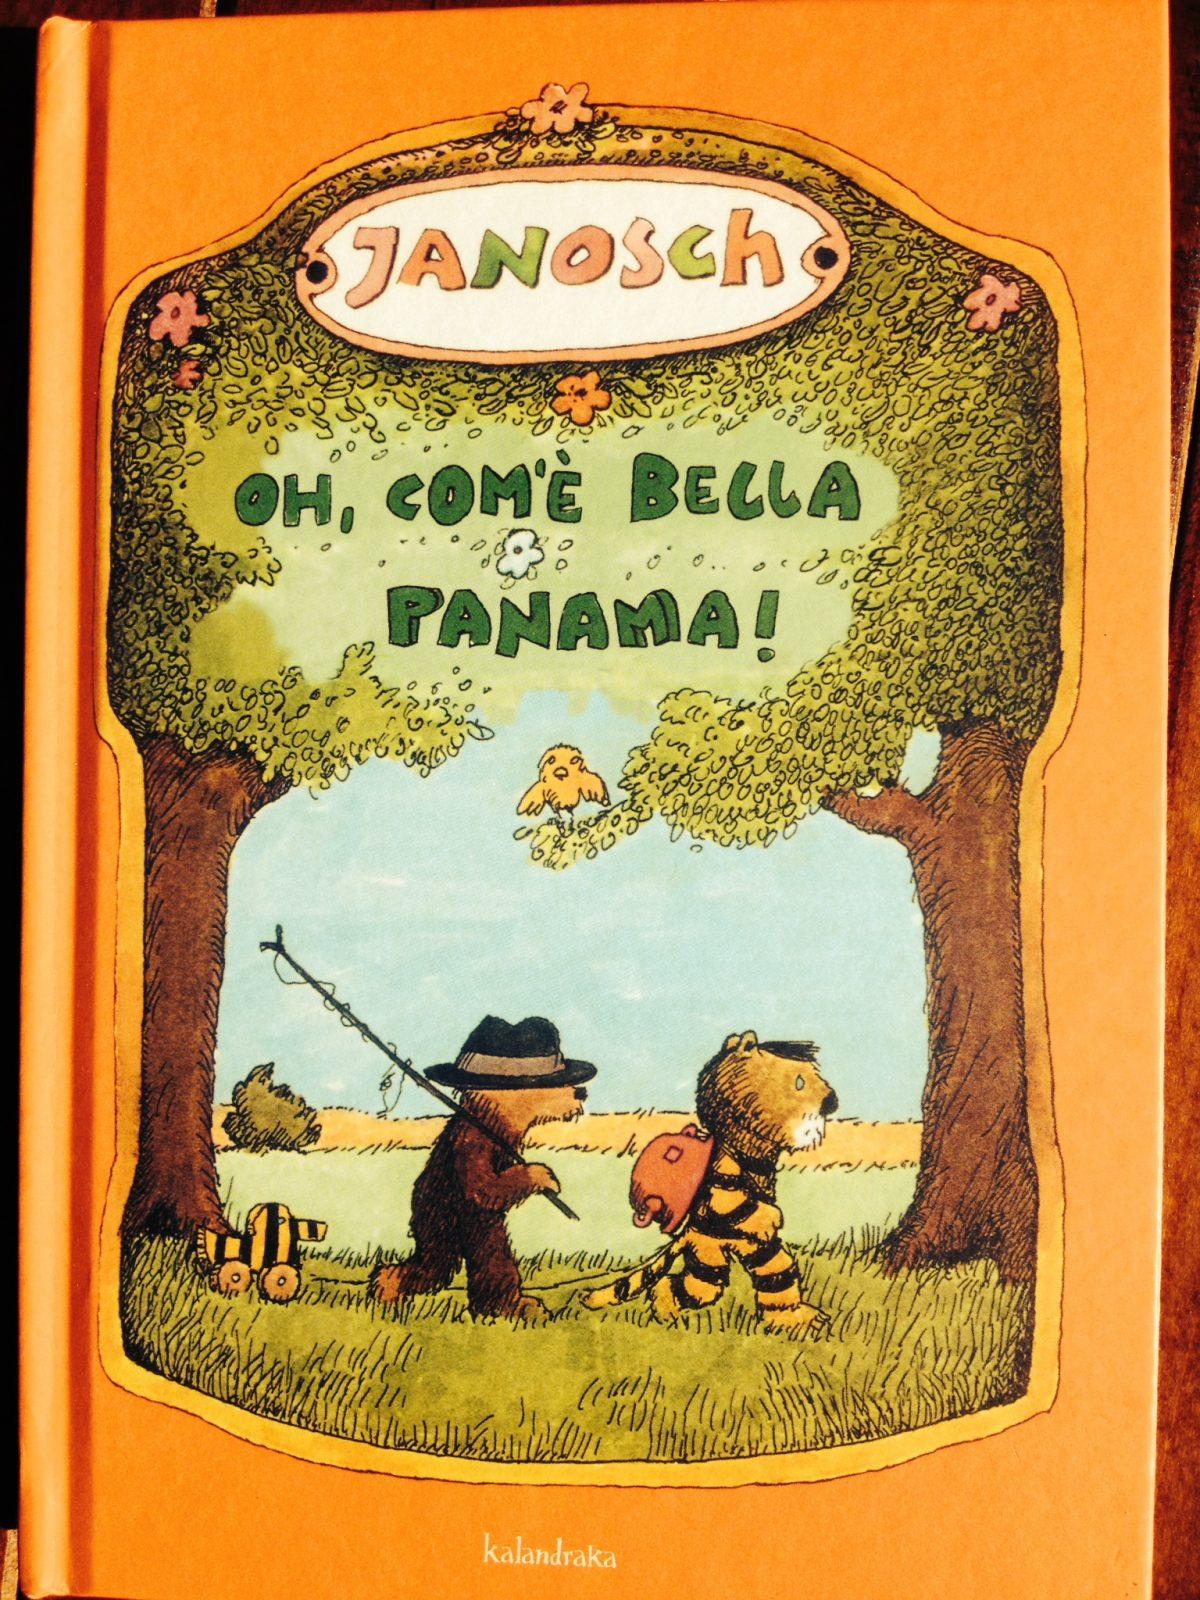 Oh, com'è bella panama! | Janosch | Kalandraka - Galline Volanti